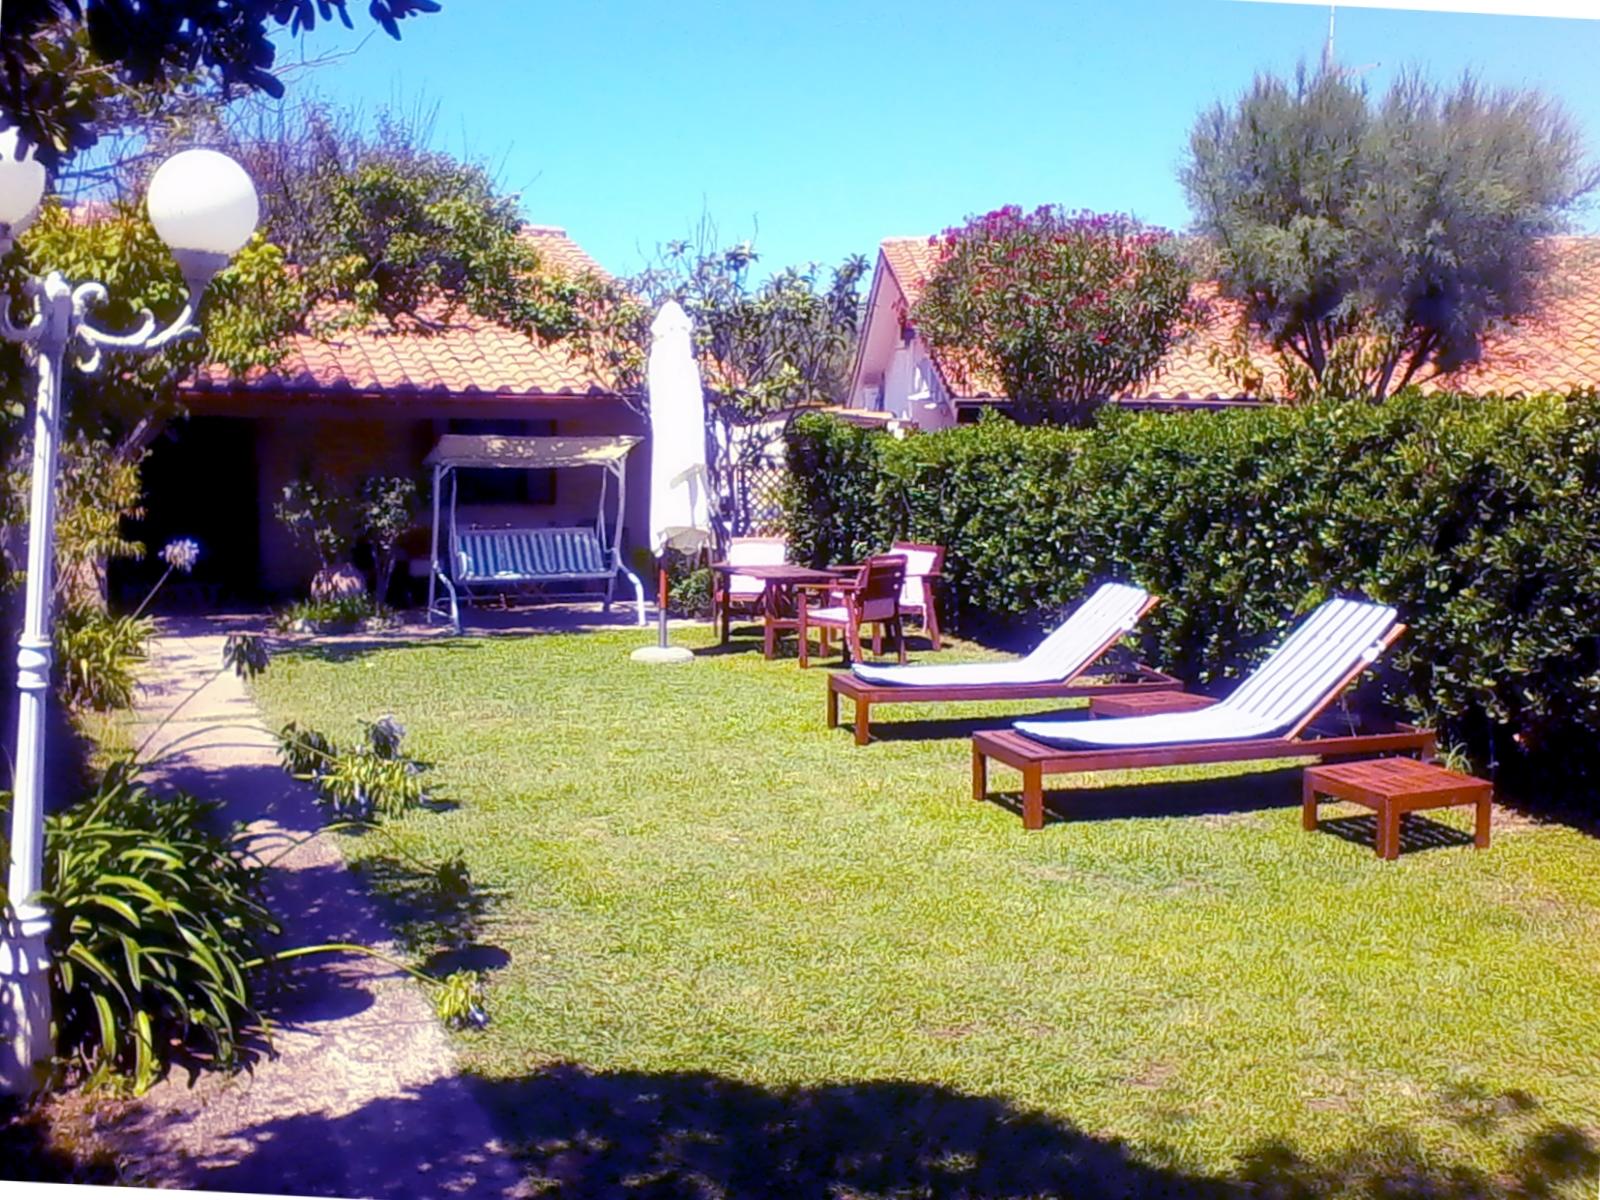 Affitto casa vacanze al mare in villino con giardino promoedintorni - Case in affitto con giardino ...